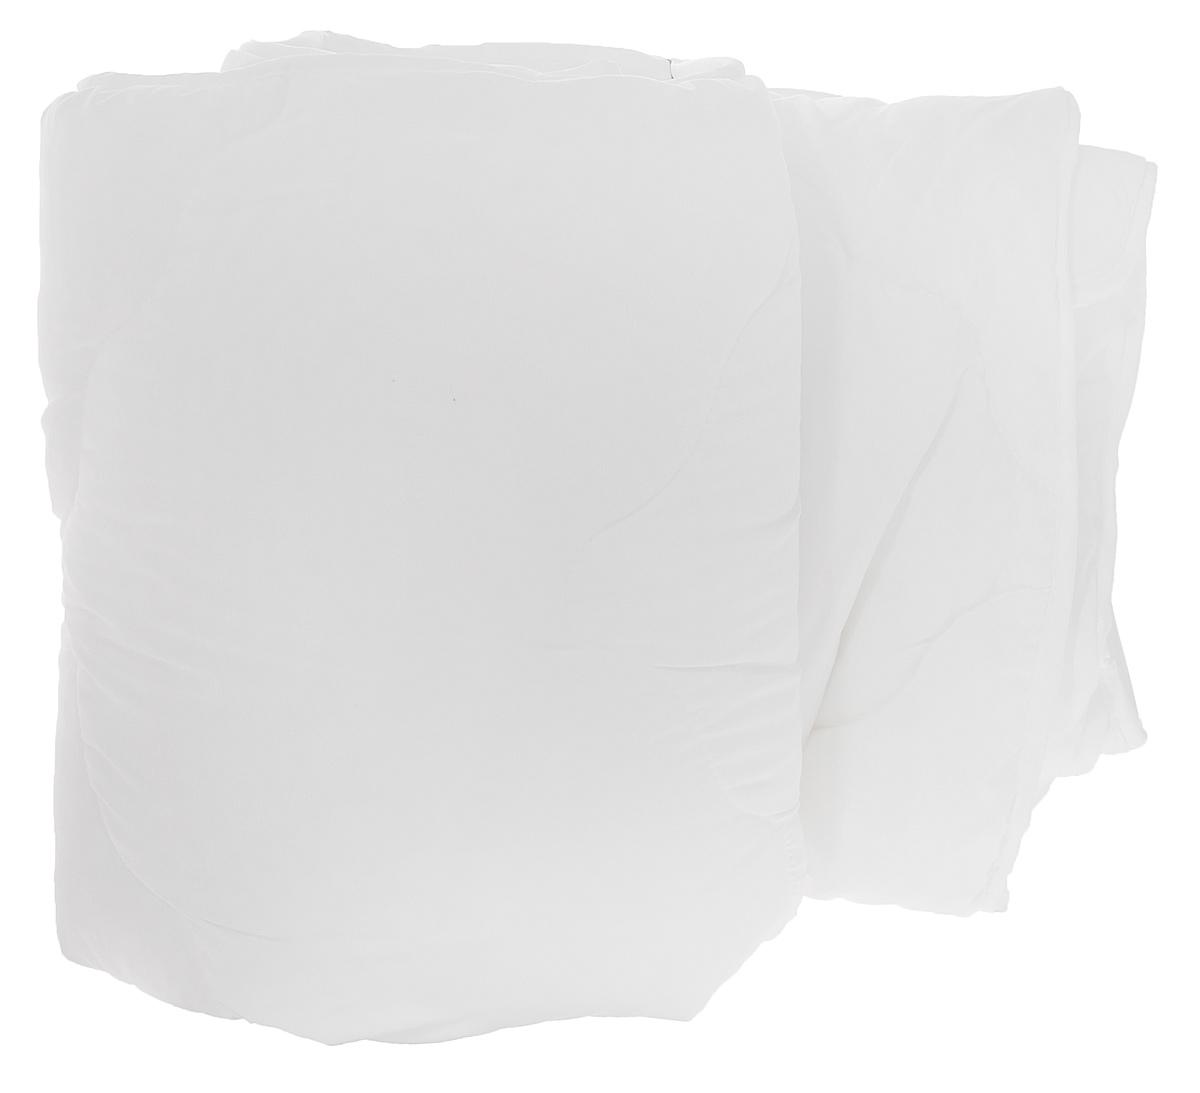 Одеяло Dargez Бомбей, легкое, наполнитель: бамбуковое волокно, цвет: белый, 172 см х 205 см20(23)341_белыйОдеяло Dargez Бомбей подарит комфорт и уют во время сна. Чехол одеяла, выполненный из микрофибры и оформлен фигурной стежкой, которая надежно удерживает наполнитель внутри. Волокно на основе бамбука - инновационный наполнитель, обладающий за счет своей пористой структуры хорошей воздухонепроницаемостью и высокой гигроскопичностью, обеспечивает оптимальный уровень влажности во время сна и создает чувство прохлады в жаркие дни. Антибактериальный эффект наполнителя достигается за счет содержания в нем специального компонента, а также за счет поглощения влаги, что создает сухой микроклимат, препятствующий росту бактерий. Основные свойства волокна: - хорошая терморегуляция; - свободная циркуляция воздуха; - антибактериальные свойства; - повышенная гигроскопичность; - мягкость и легкость; - удобство в эксплуатации и легкость стирки. Рекомендации по уходу: - Стирка при температуре не более 40°С. - Запрещается отбеливать, гладить.- Можно выжимать и сушить в стиральной машине.Материал чехла: микрофибра (100% полиэстер). Материал наполнителя: 50% бамбуковое волокно (вискоза), 50% полое силиконизированное пэ волокно. Размер одеяла: 172 см х 205 см.